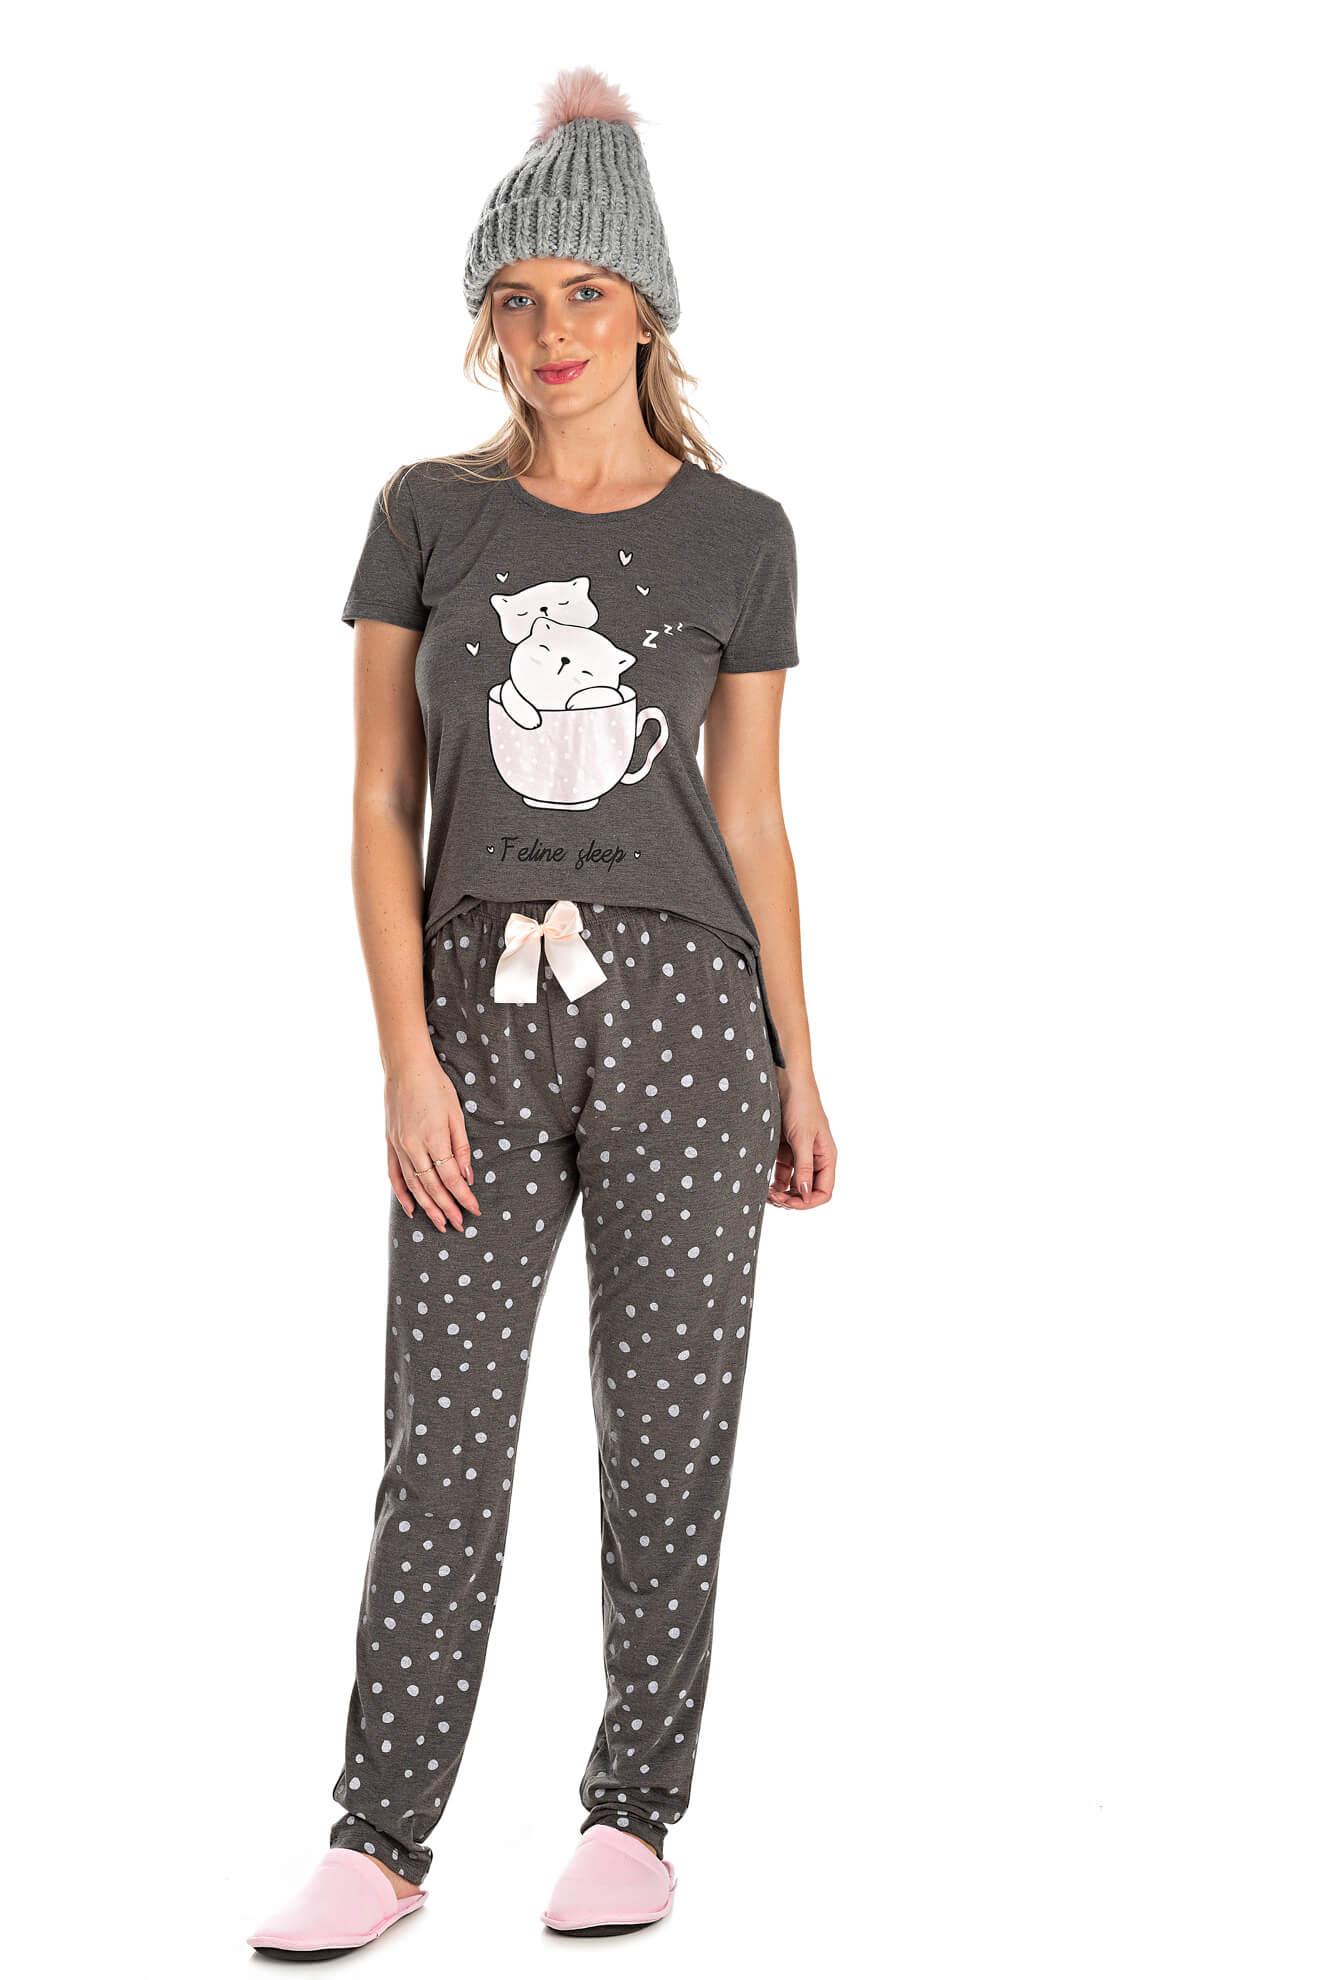 003/A - Pijama Adulto Feminino Feline Sleep zZzZ